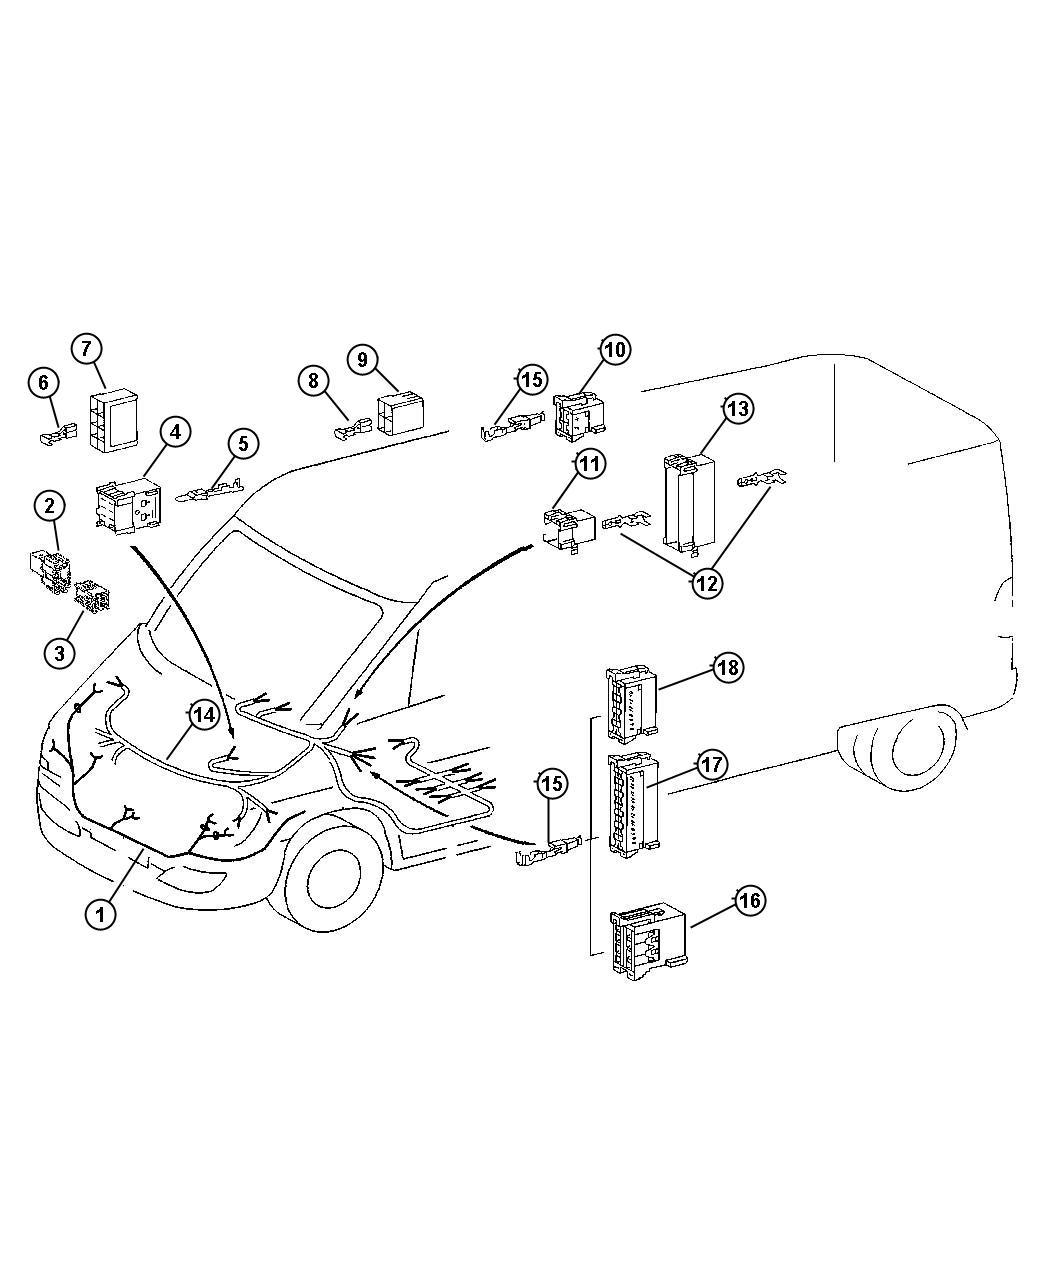 dodge journey 2013 wiring diagram